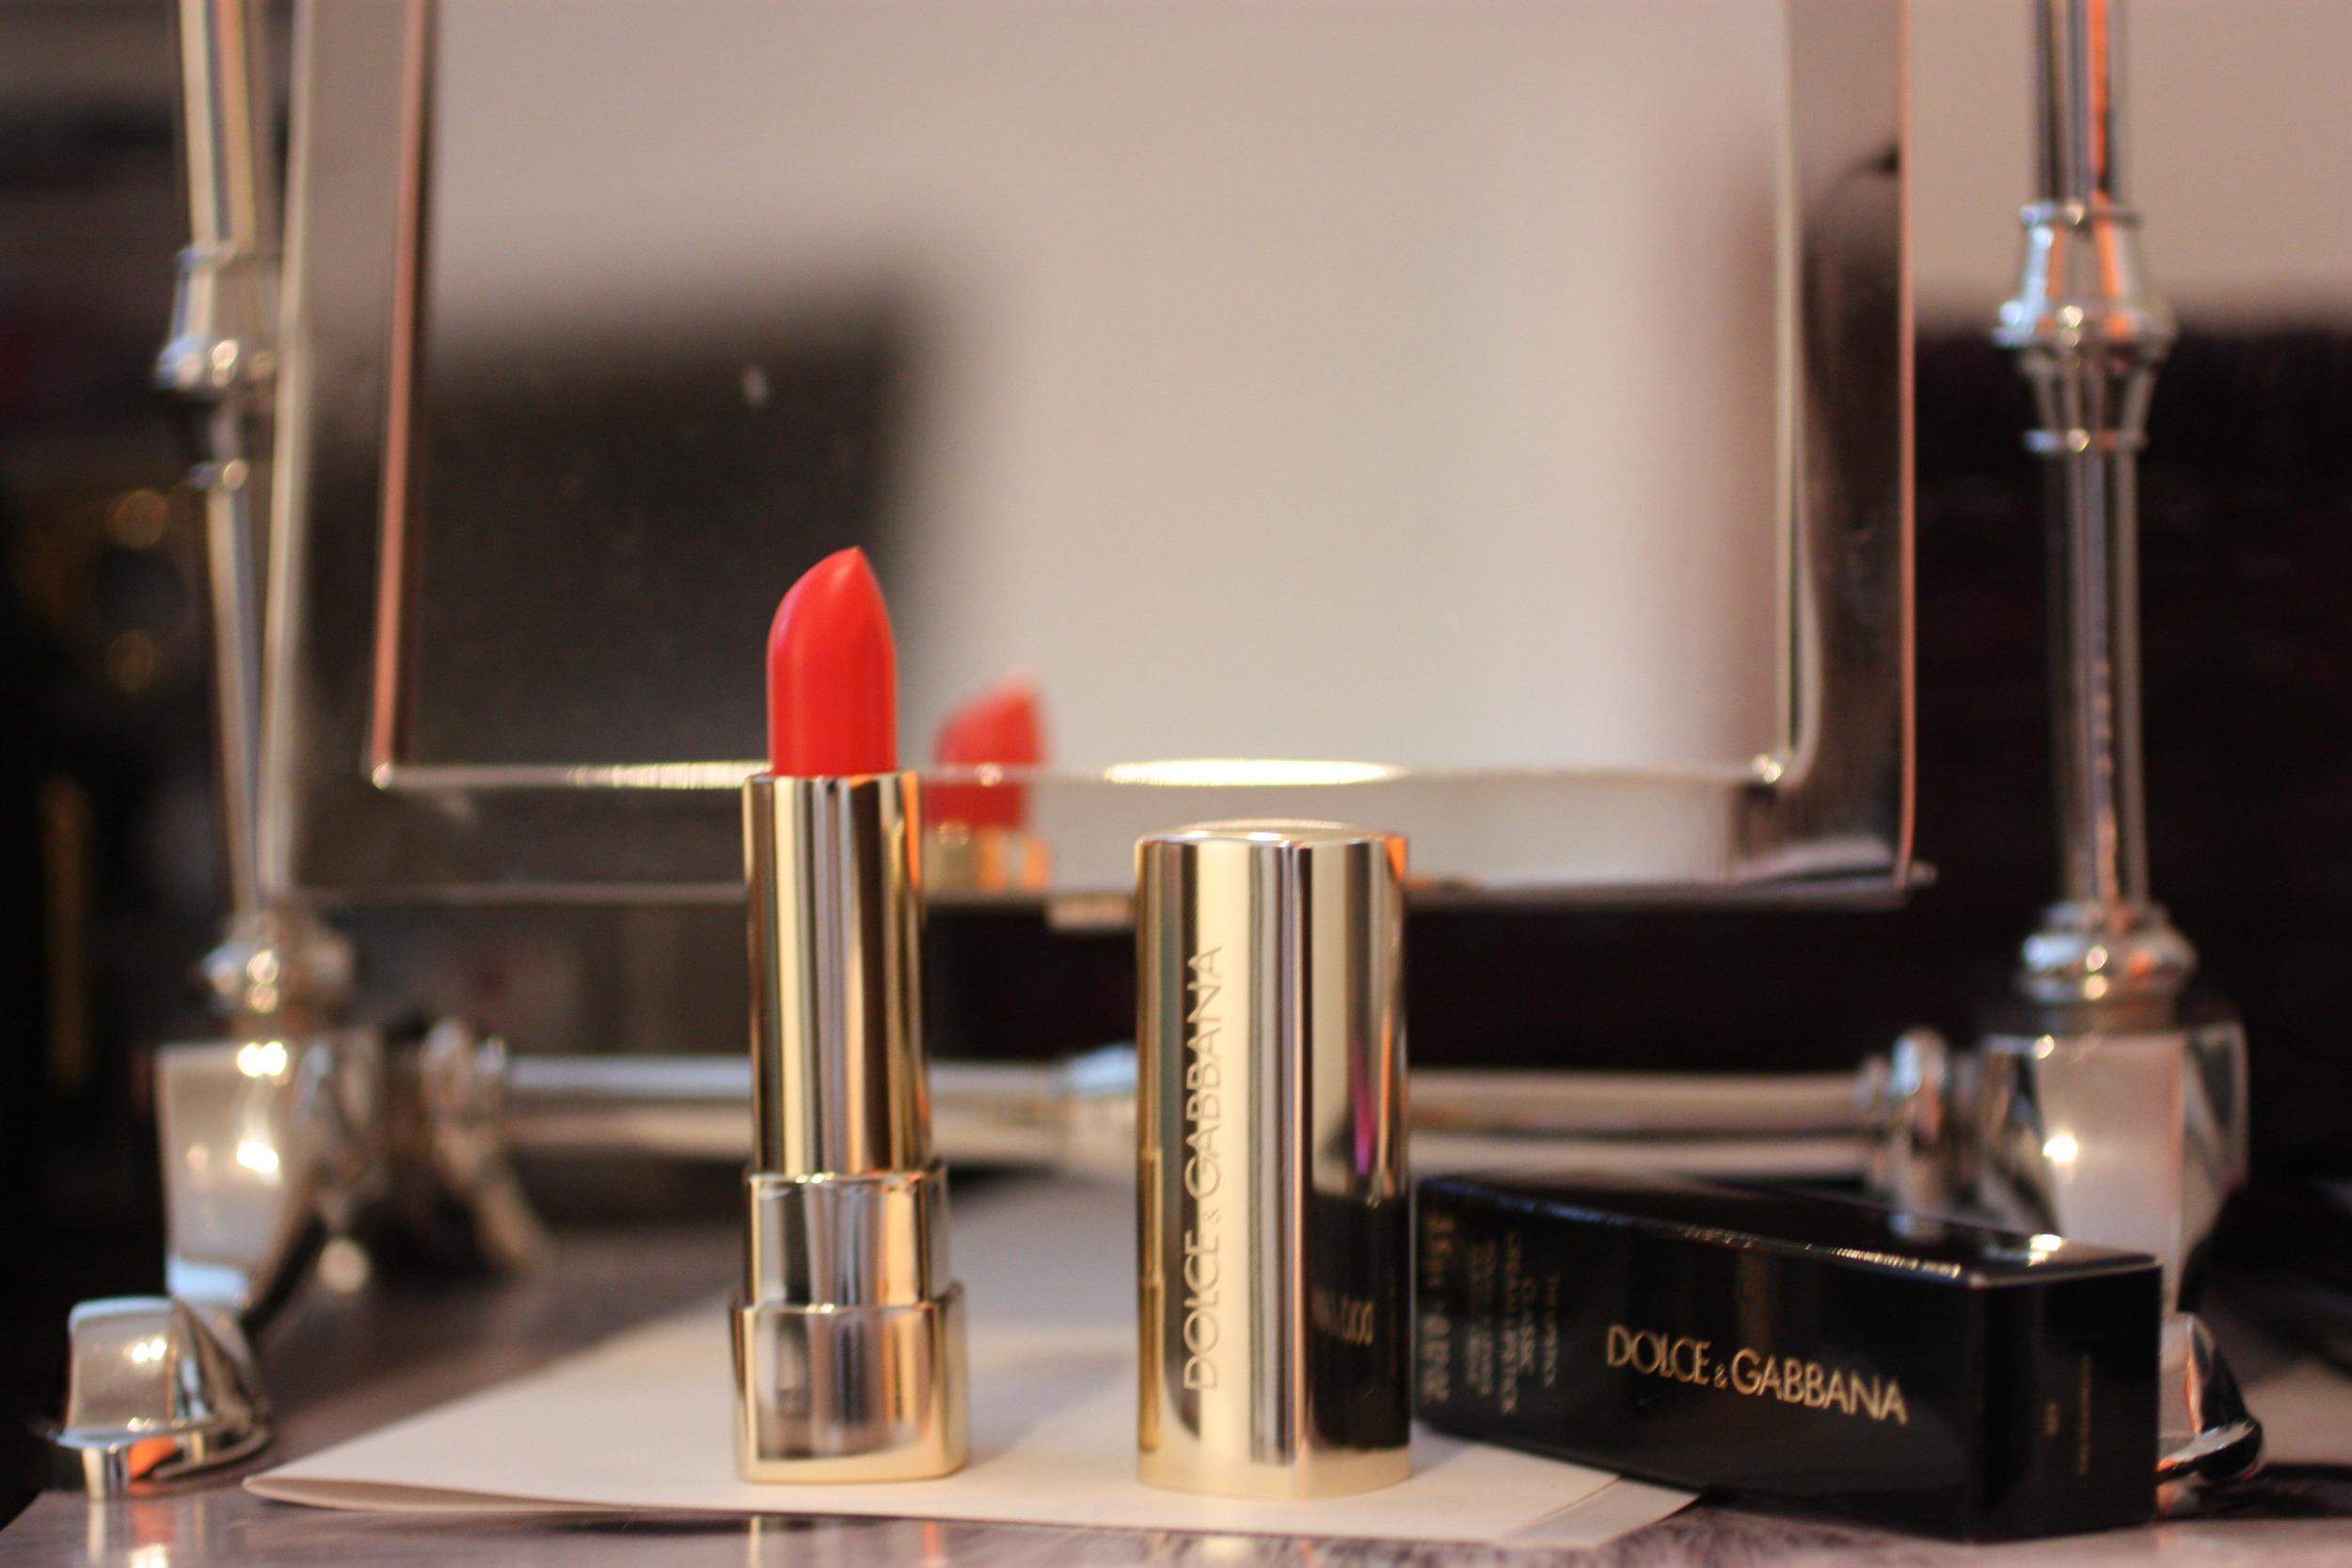 Dolce & Gabbana The Cream Classic Lipstick #420 Cosmopolitan